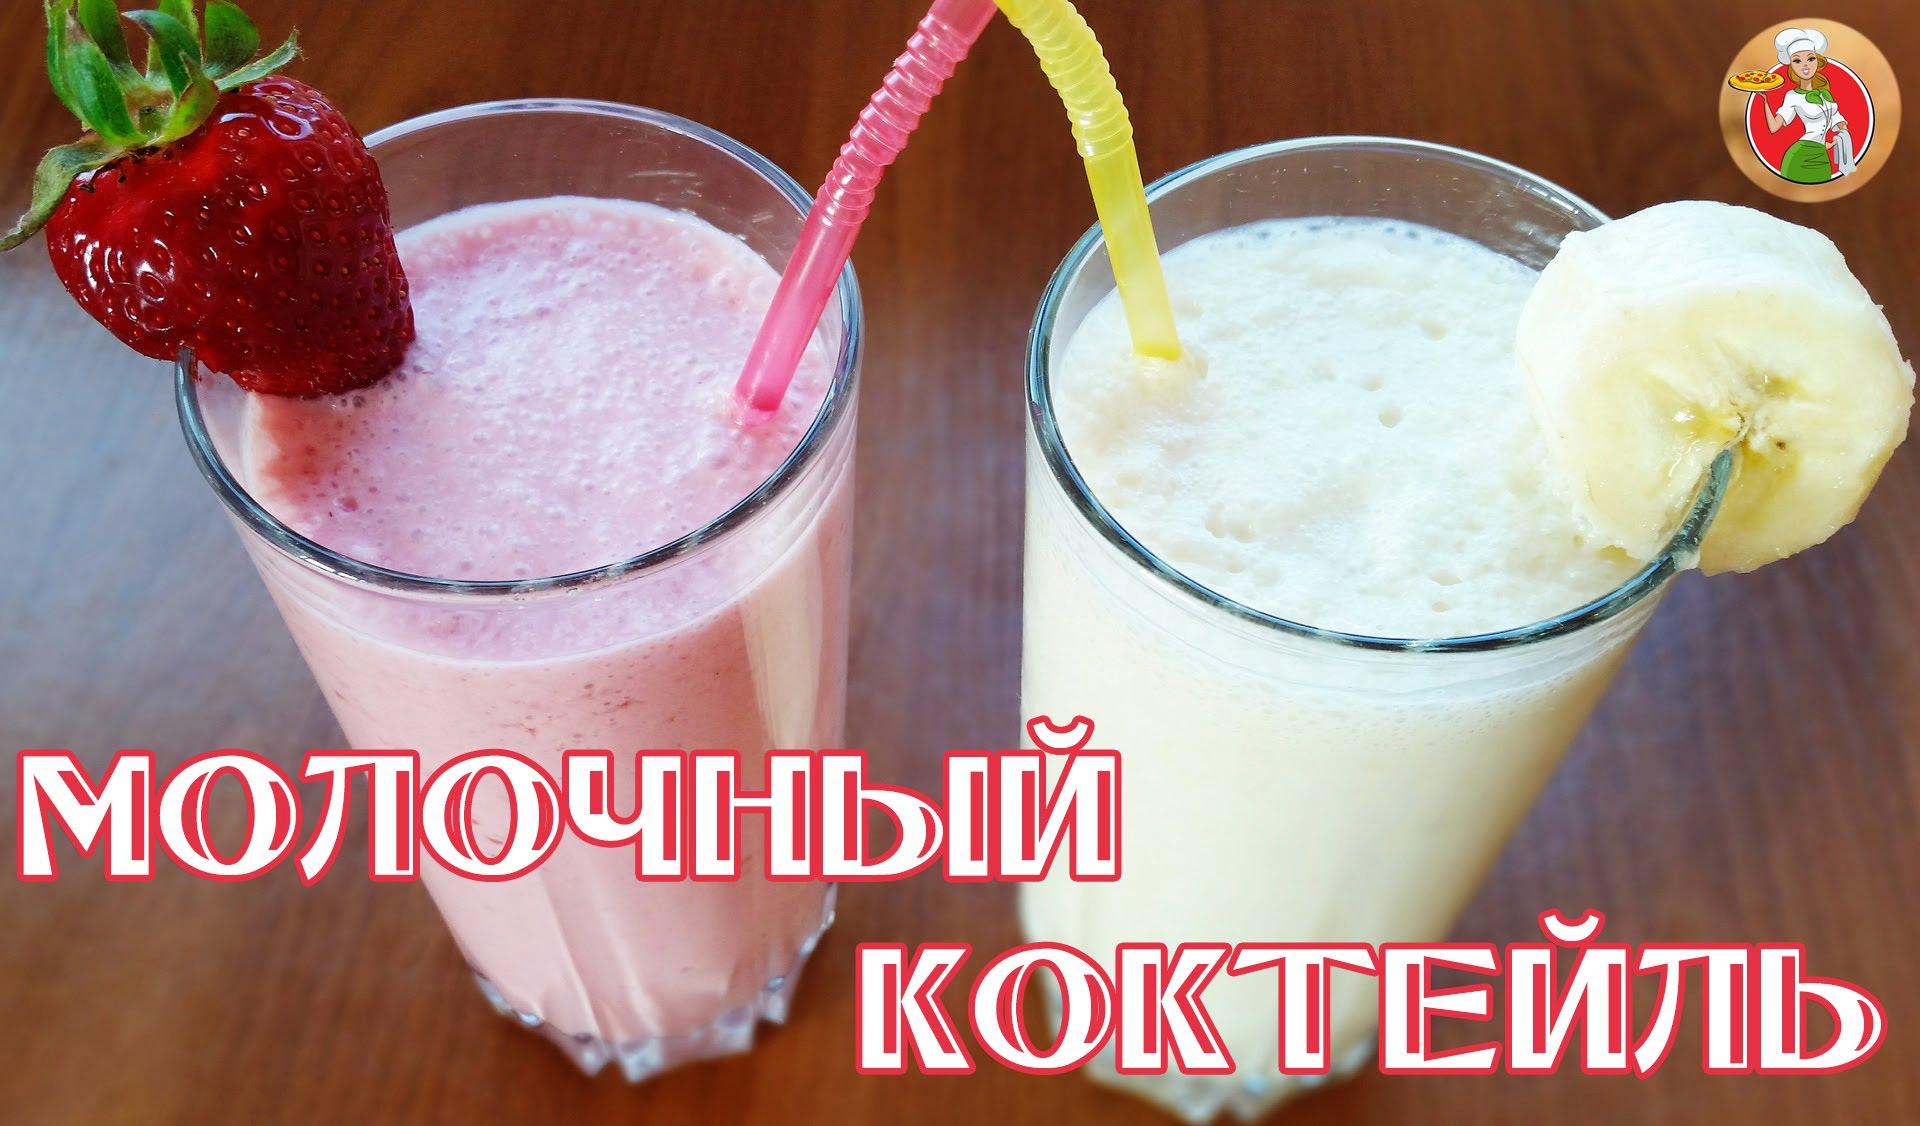 молочные коктейли ссср по 11 копеек рецепт